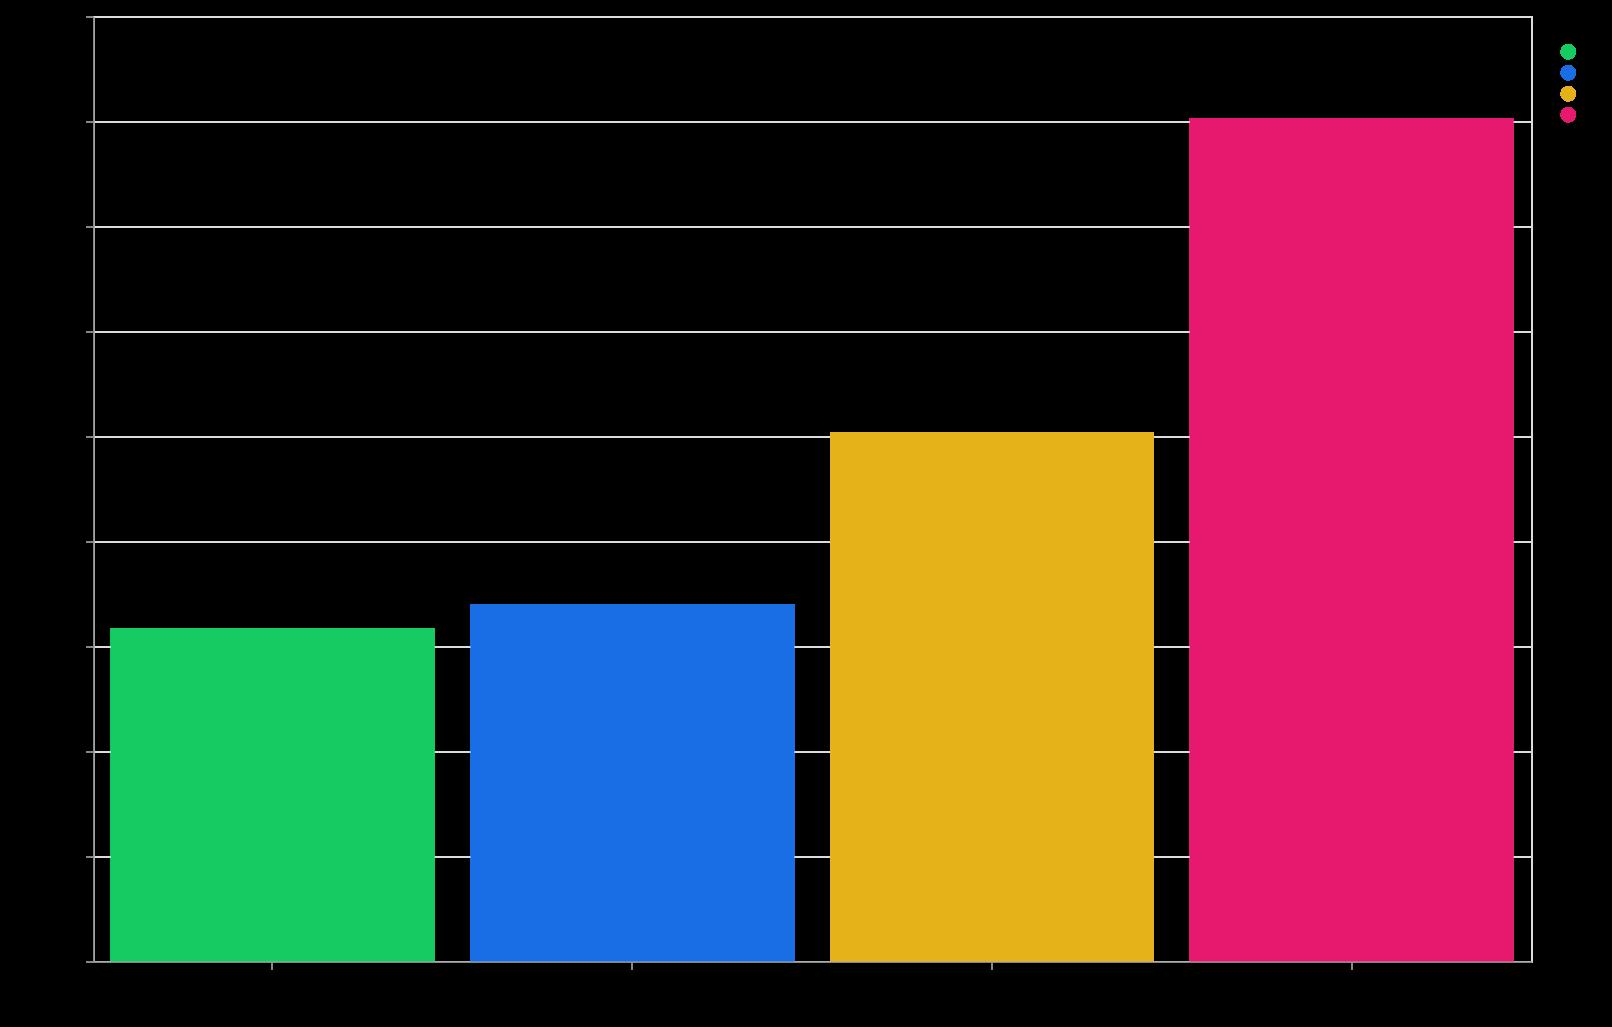 平均応答時間 (視聴毎平均の月別平均, 5 月は 10 日まで)